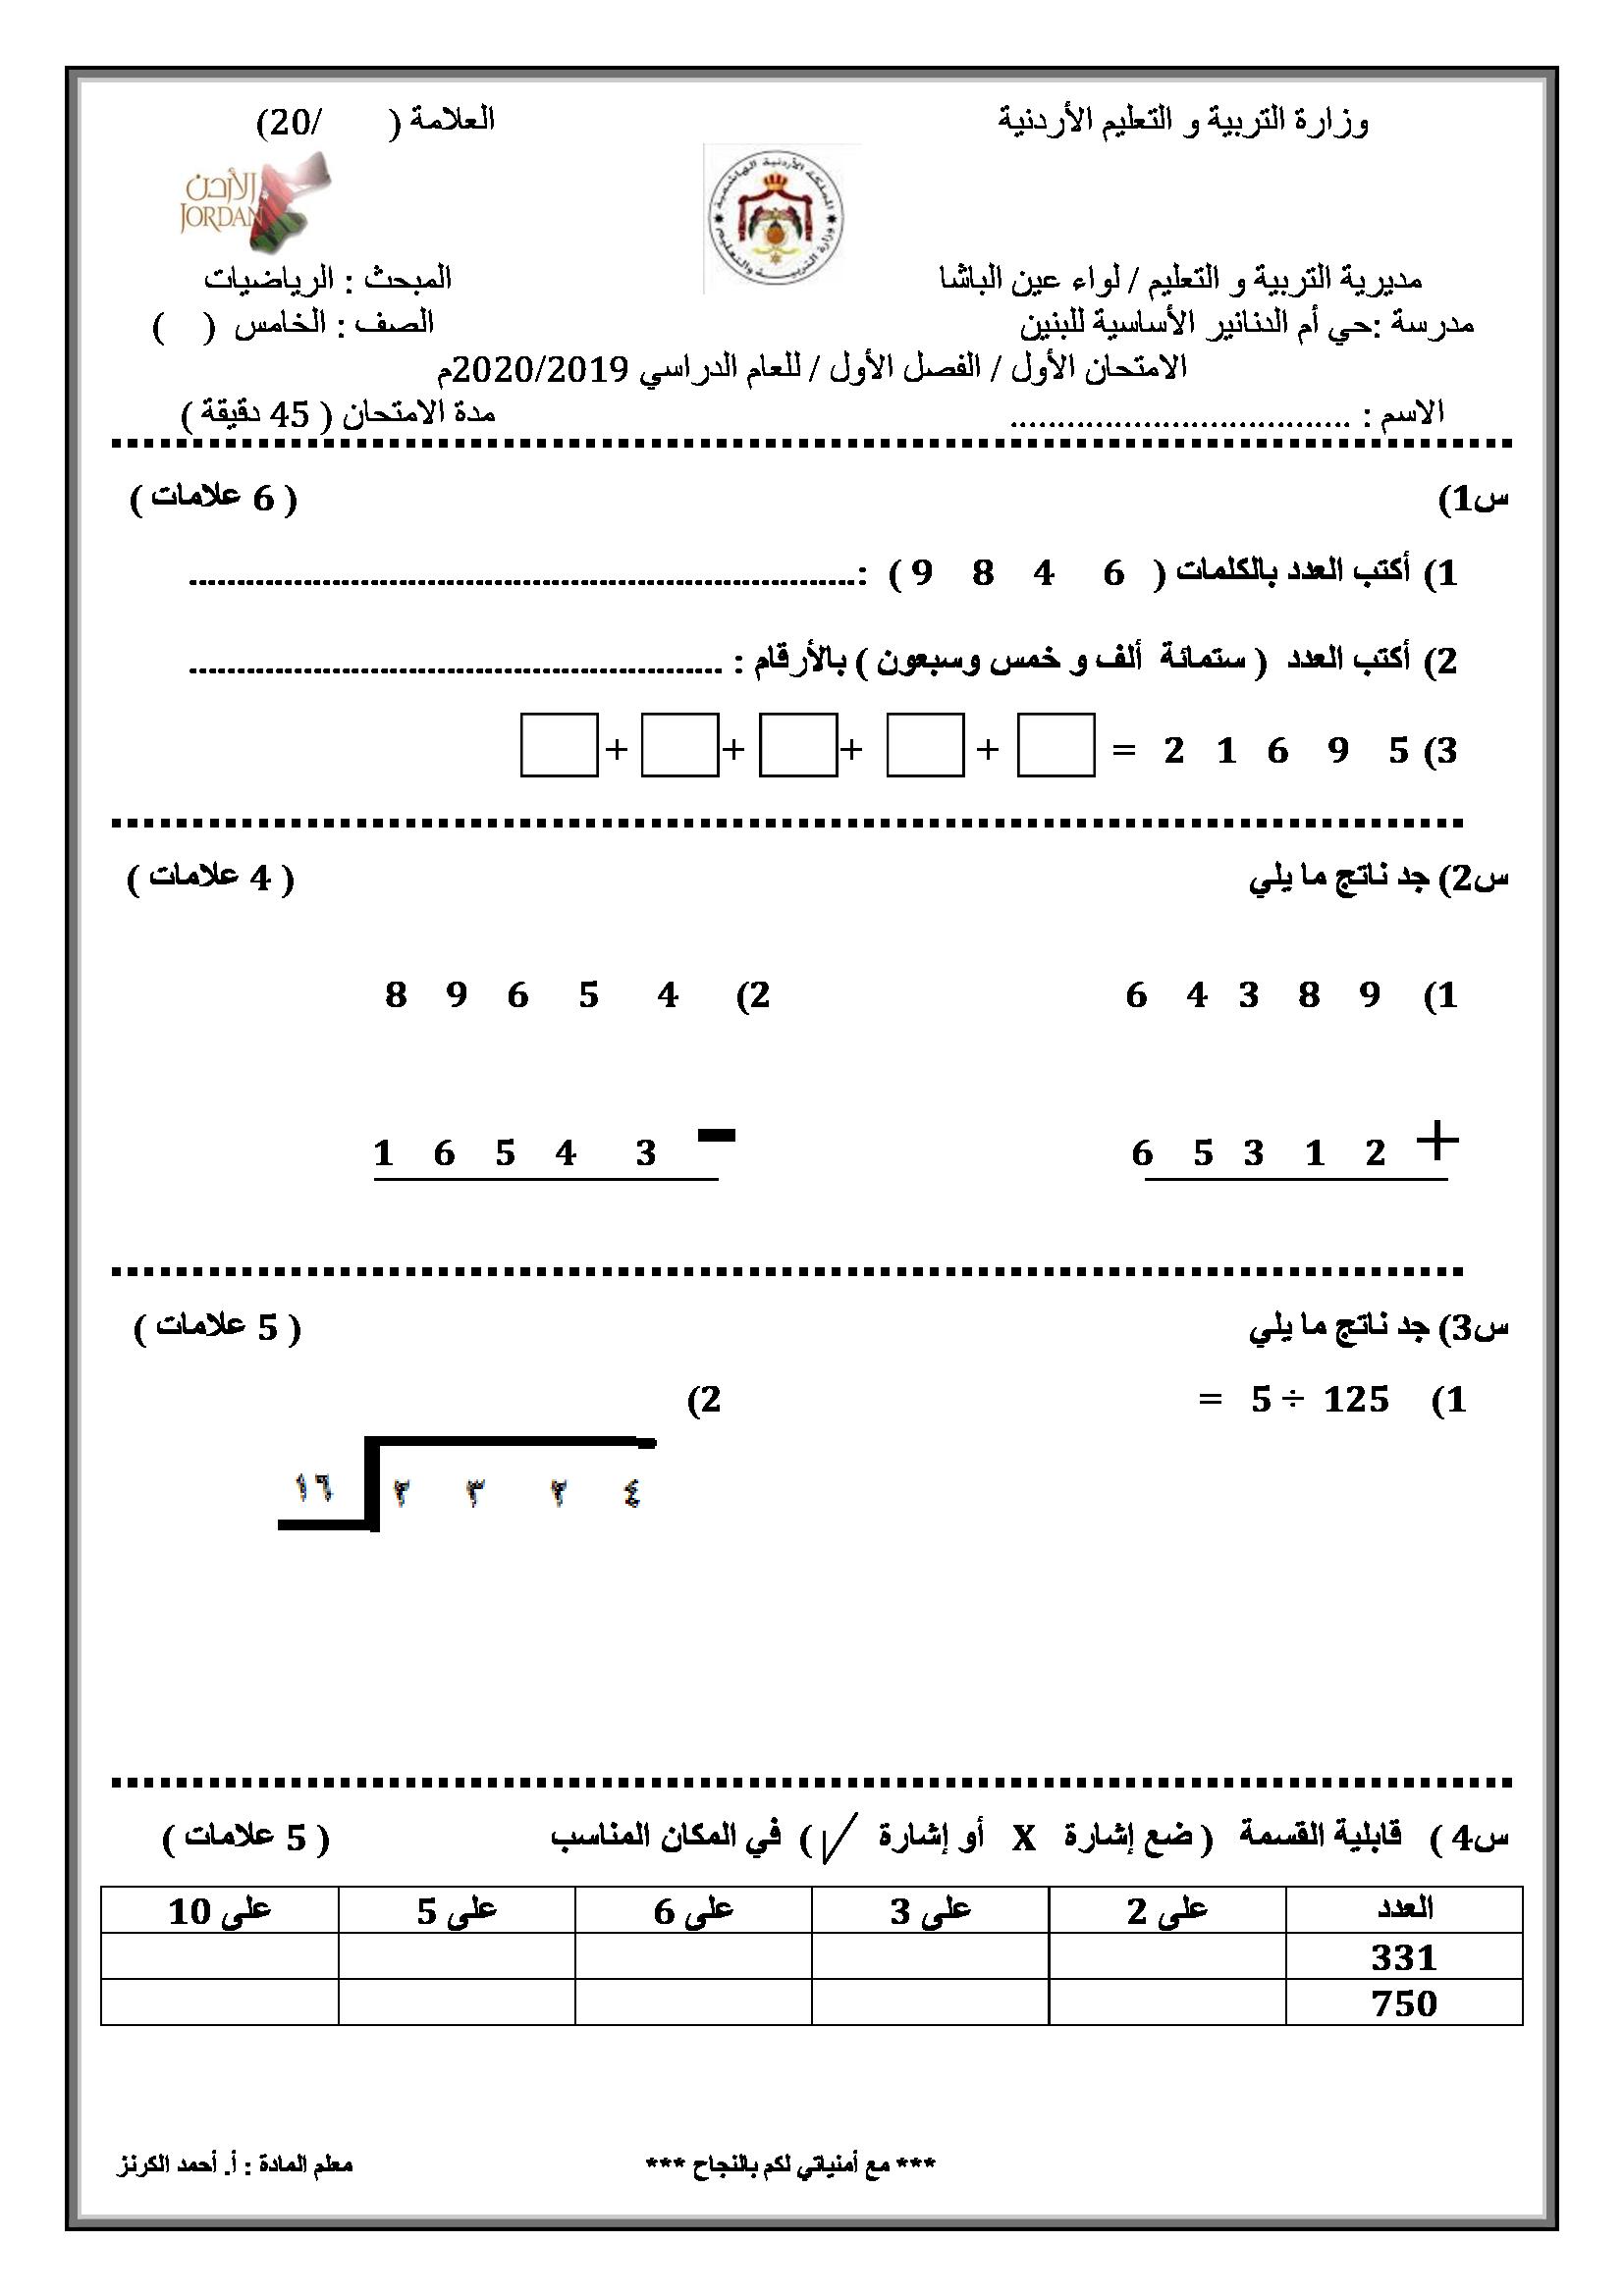 امتحان الشهر الاول لمادة الرياضيات للصف الخامس الفصل الاول 2019